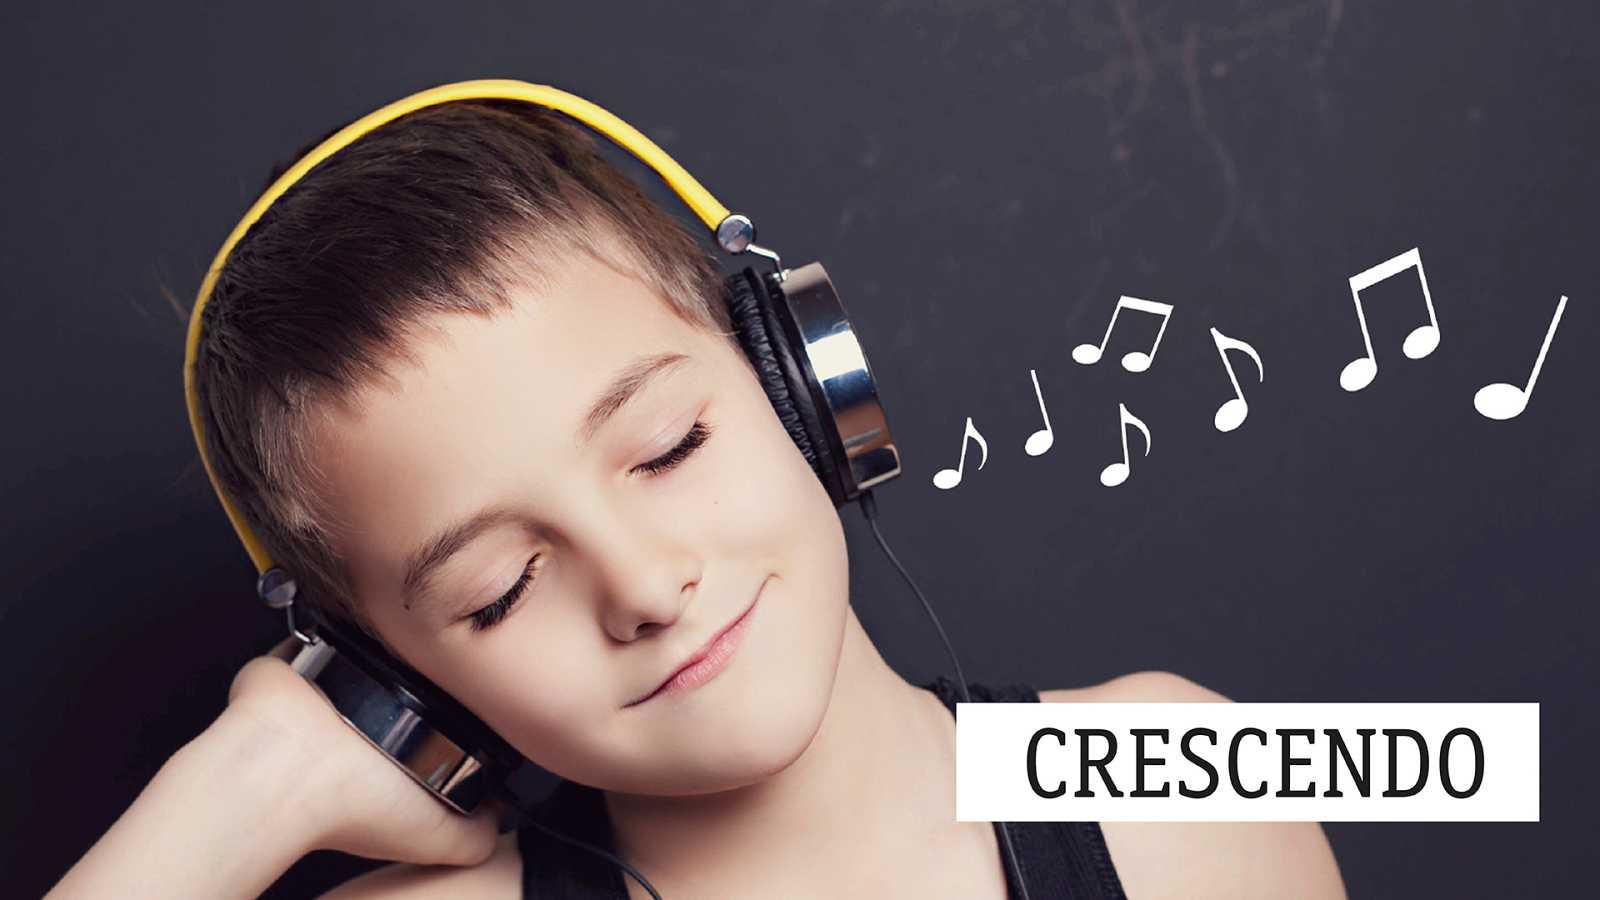 Crescendo - Piratas, mascarillas, castillos y fantasmas - 30/05/20 - escuchar ahora